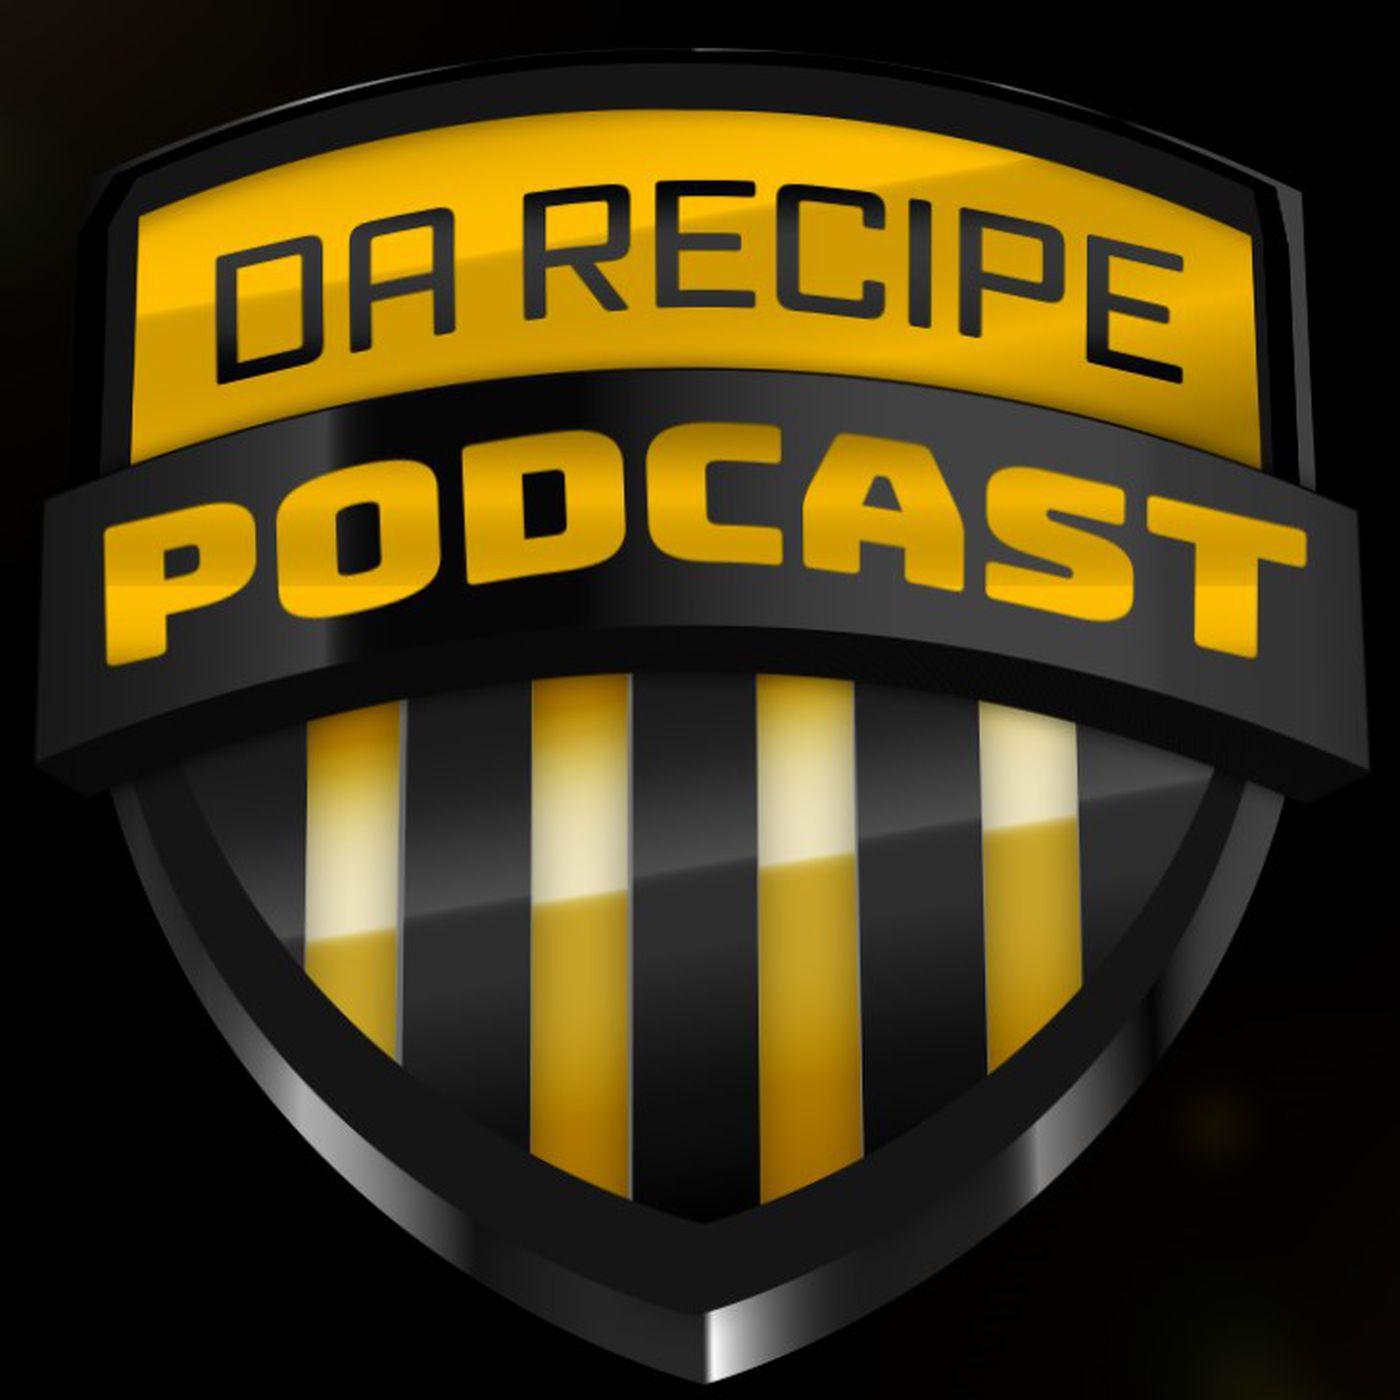 Da Recipe Podcast